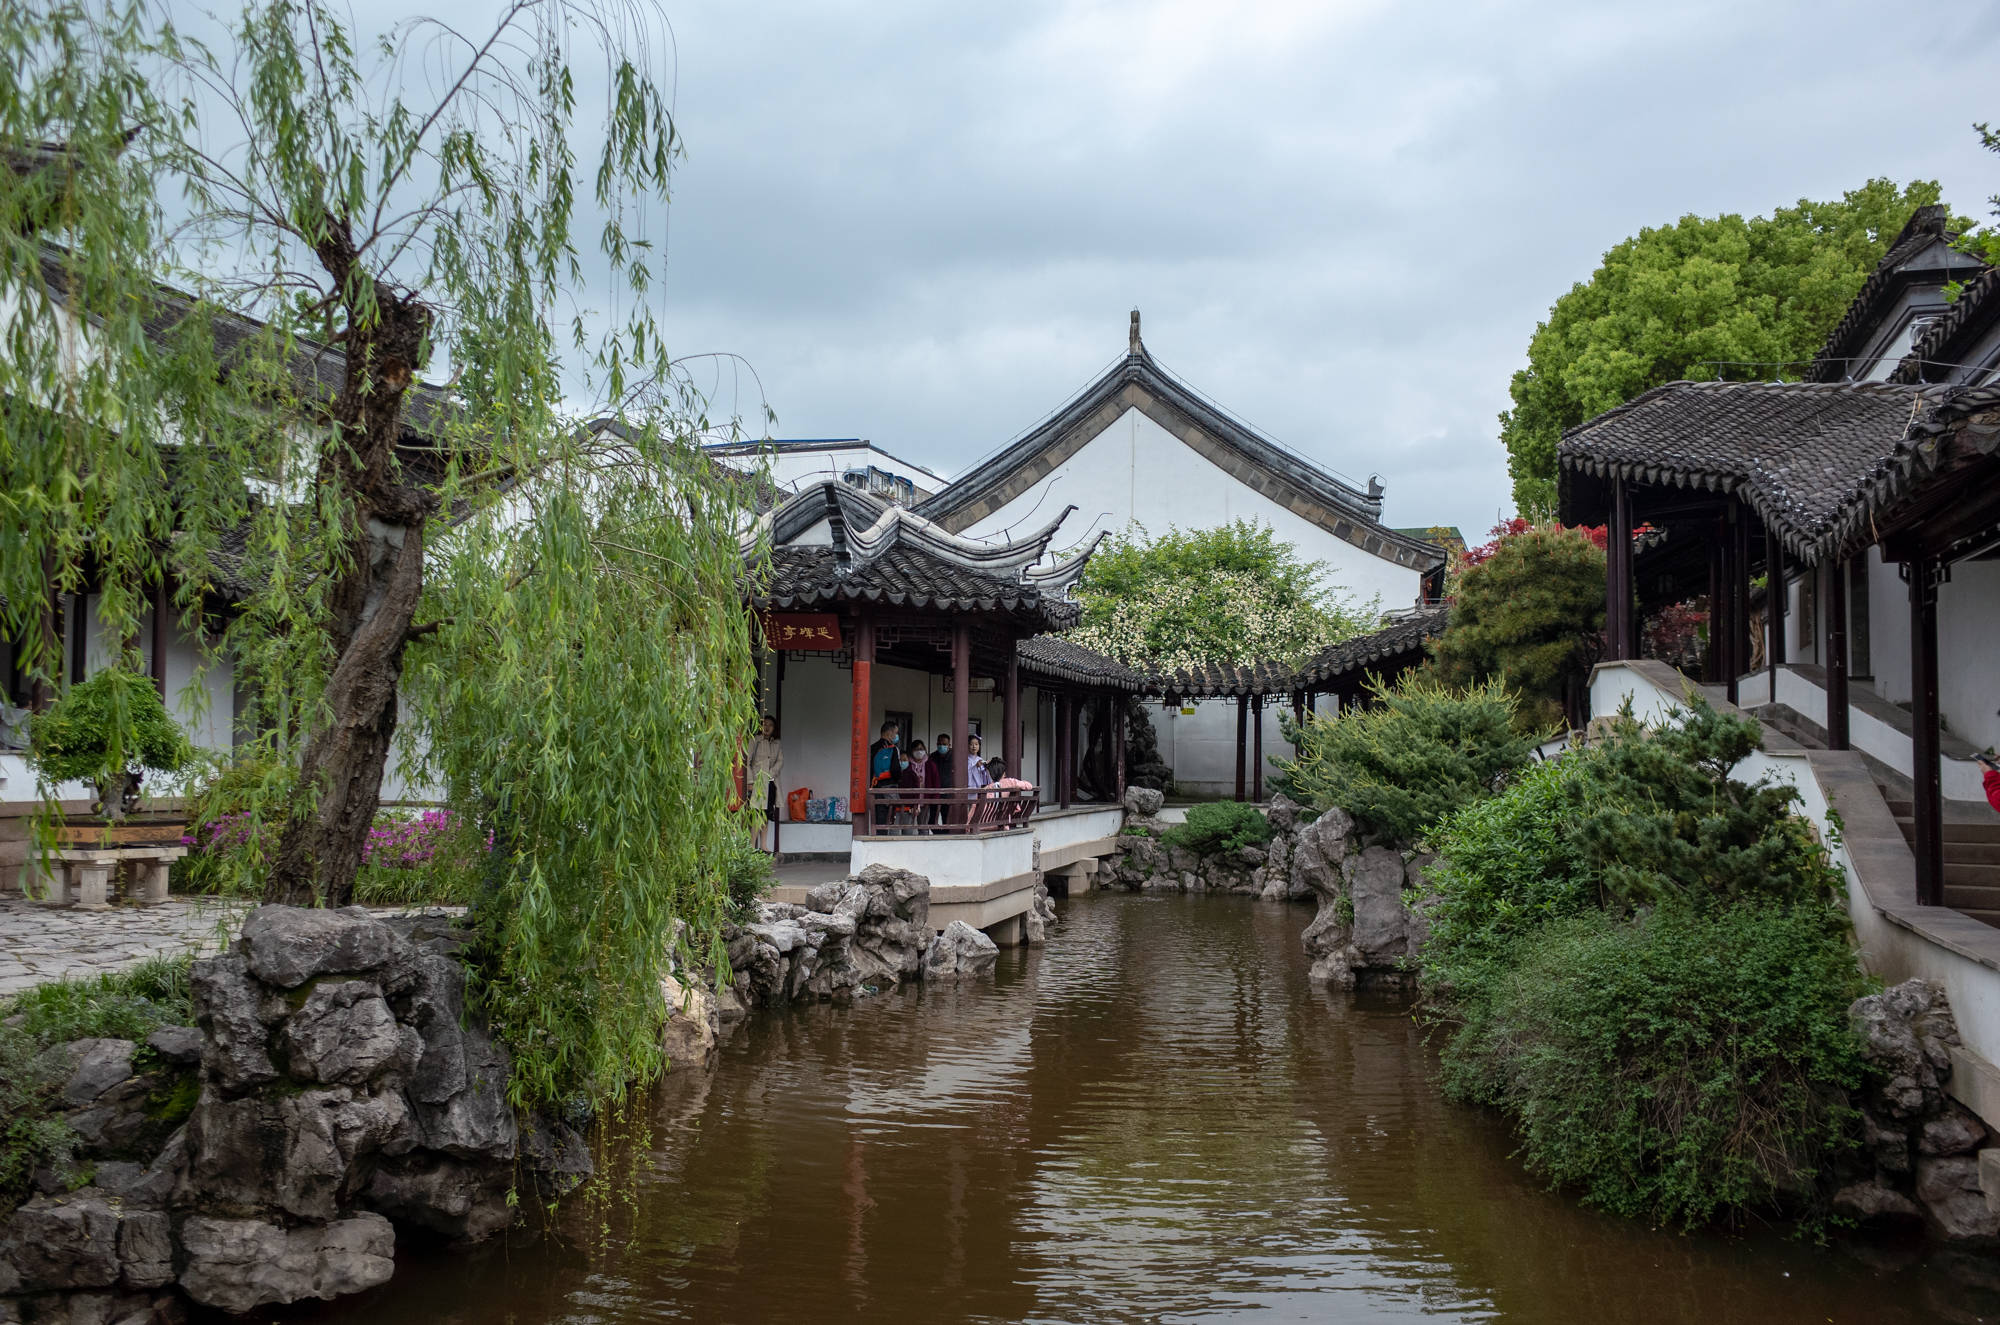 """江南名园瞻园,南京最历史最悠久的园林,被誉为""""金陵第一园"""""""